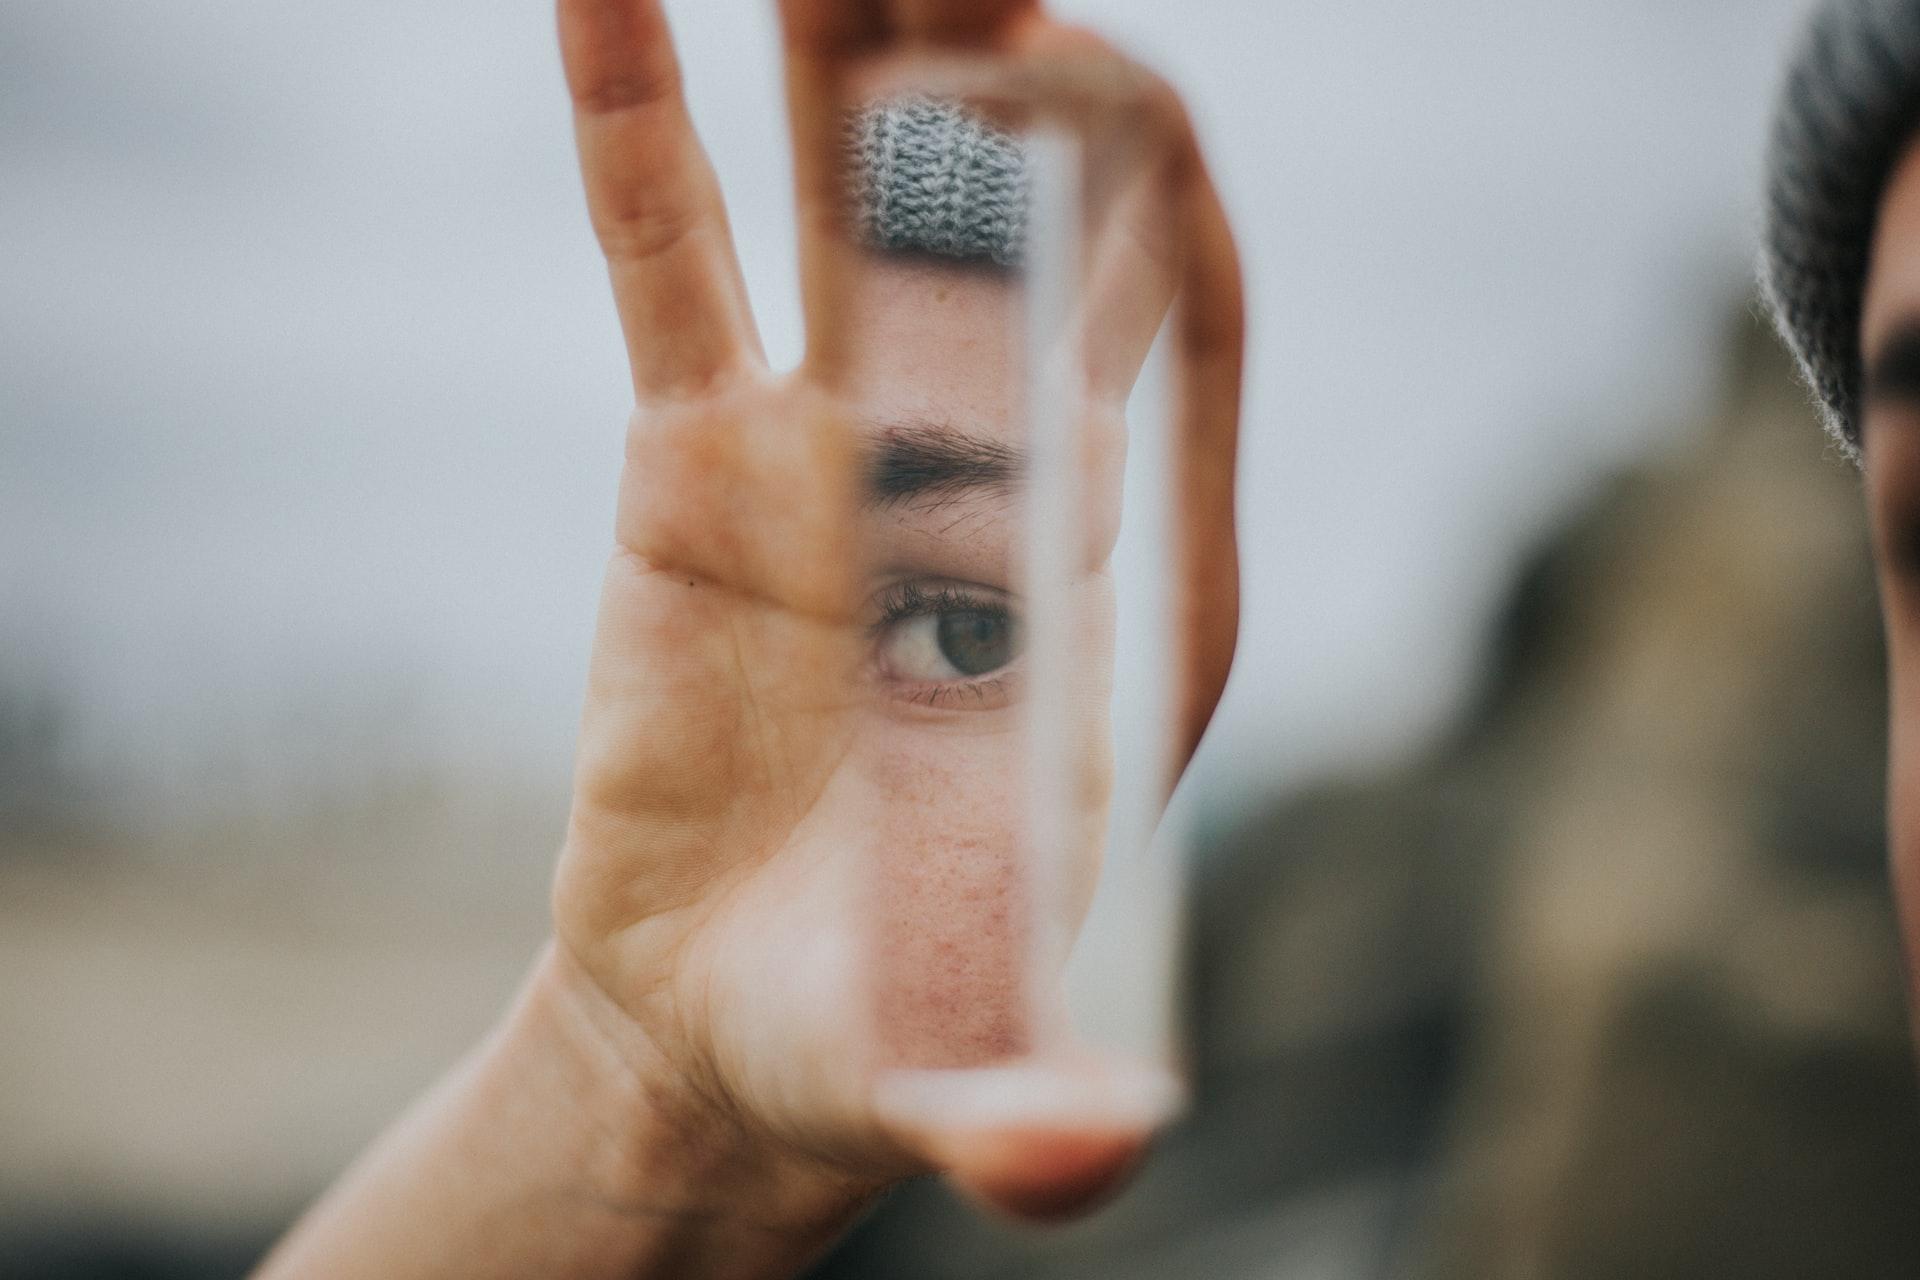 Une femme tenant l'éclat d'un miroir